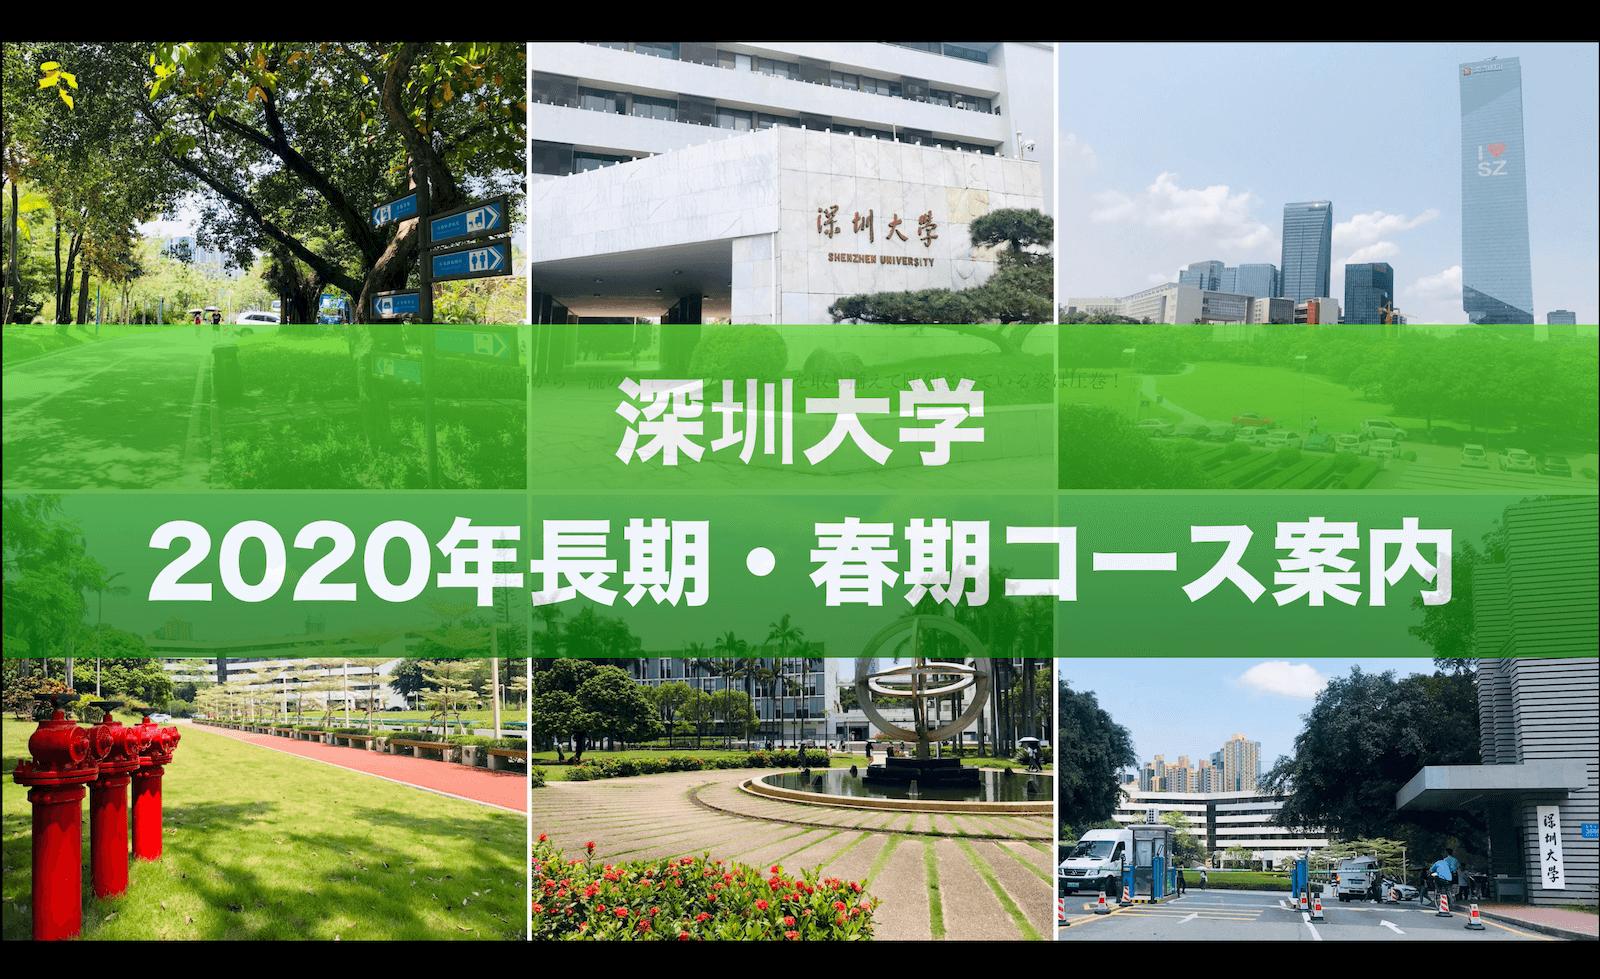 深圳大学で中国語を学ぶー2020年 春期の案内(出願締め切りは12/31まで!)